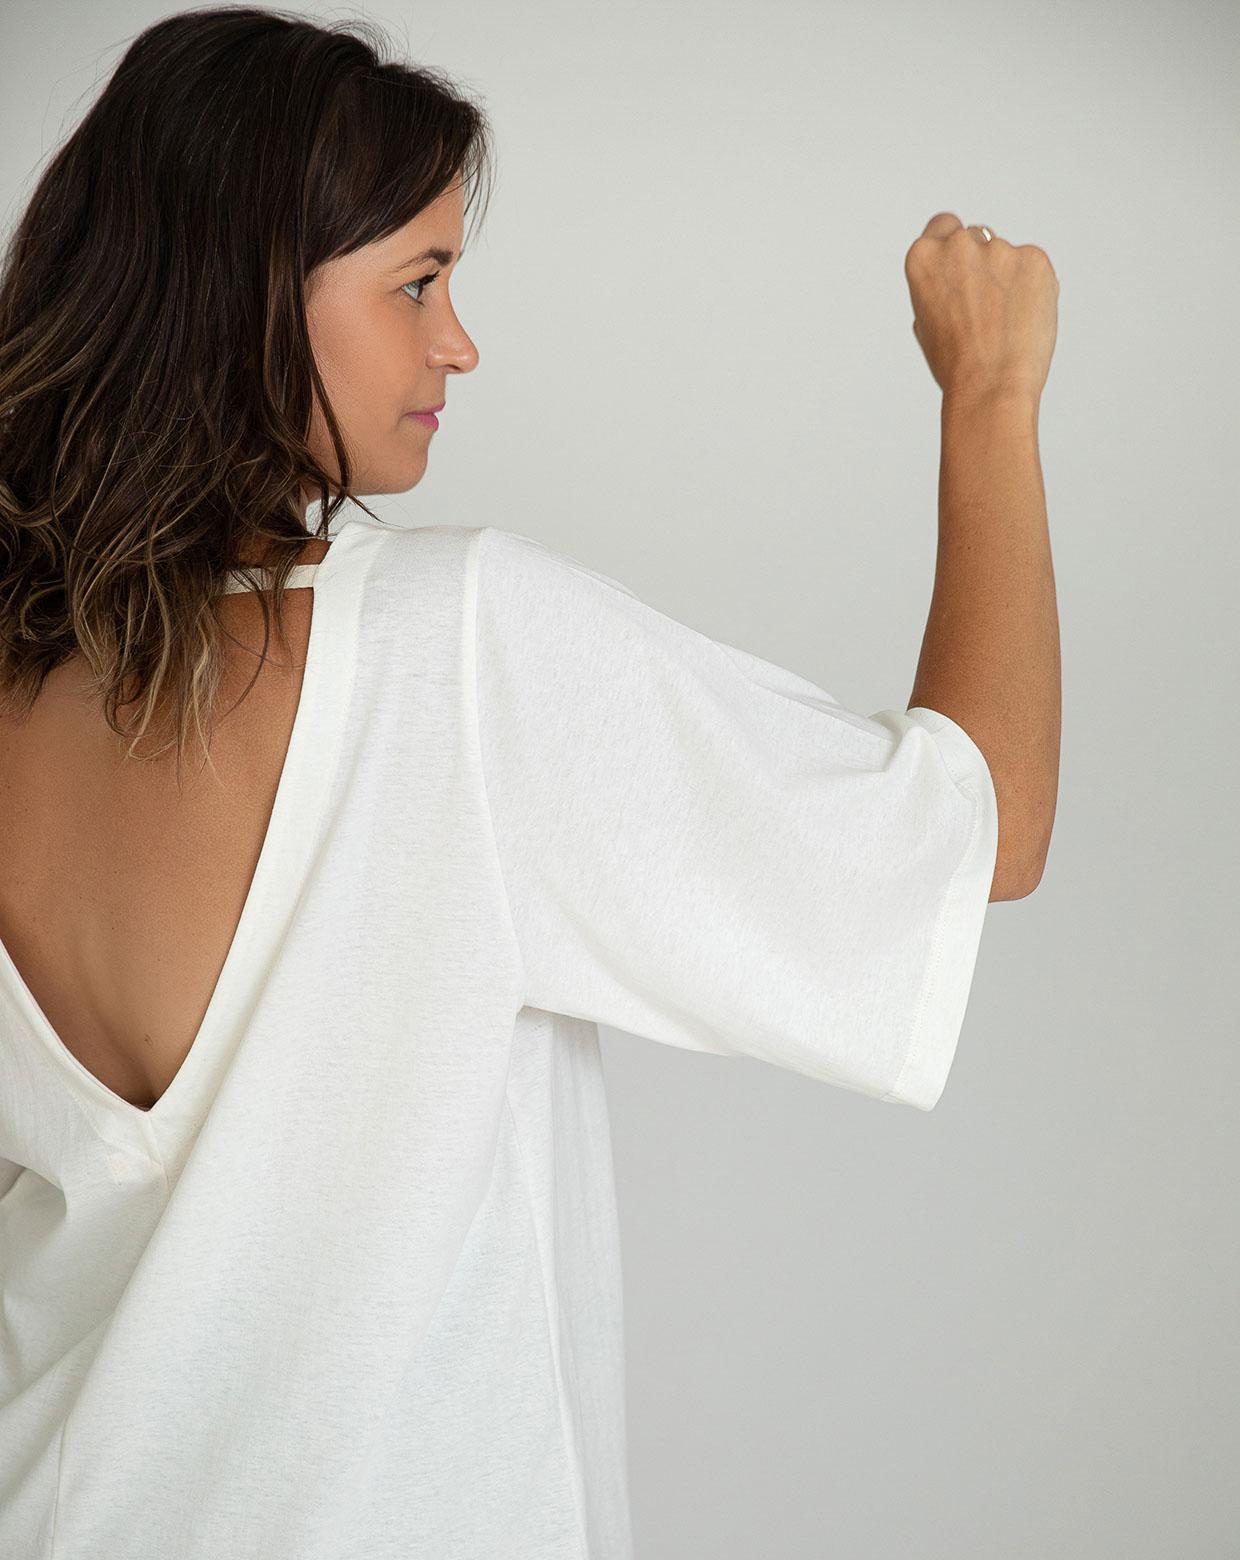 Bata Yoga - Algodão Orgânico Natural